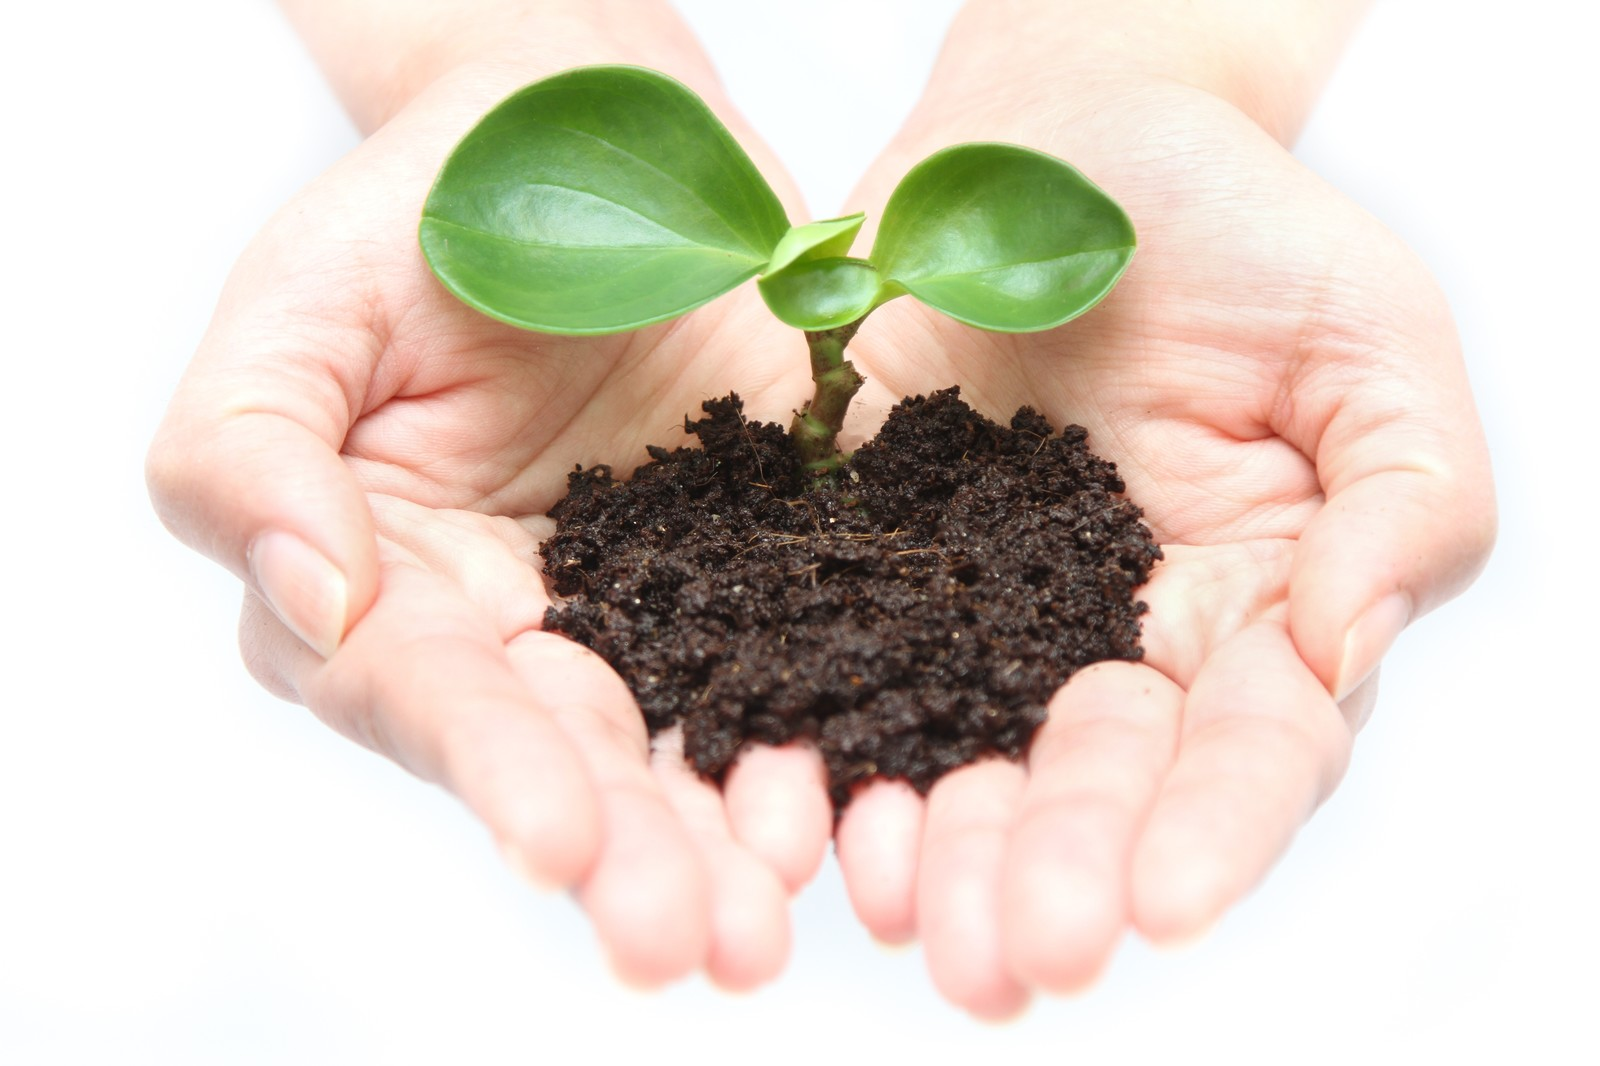 「両手で苗を持つ手(地球環境)」の写真